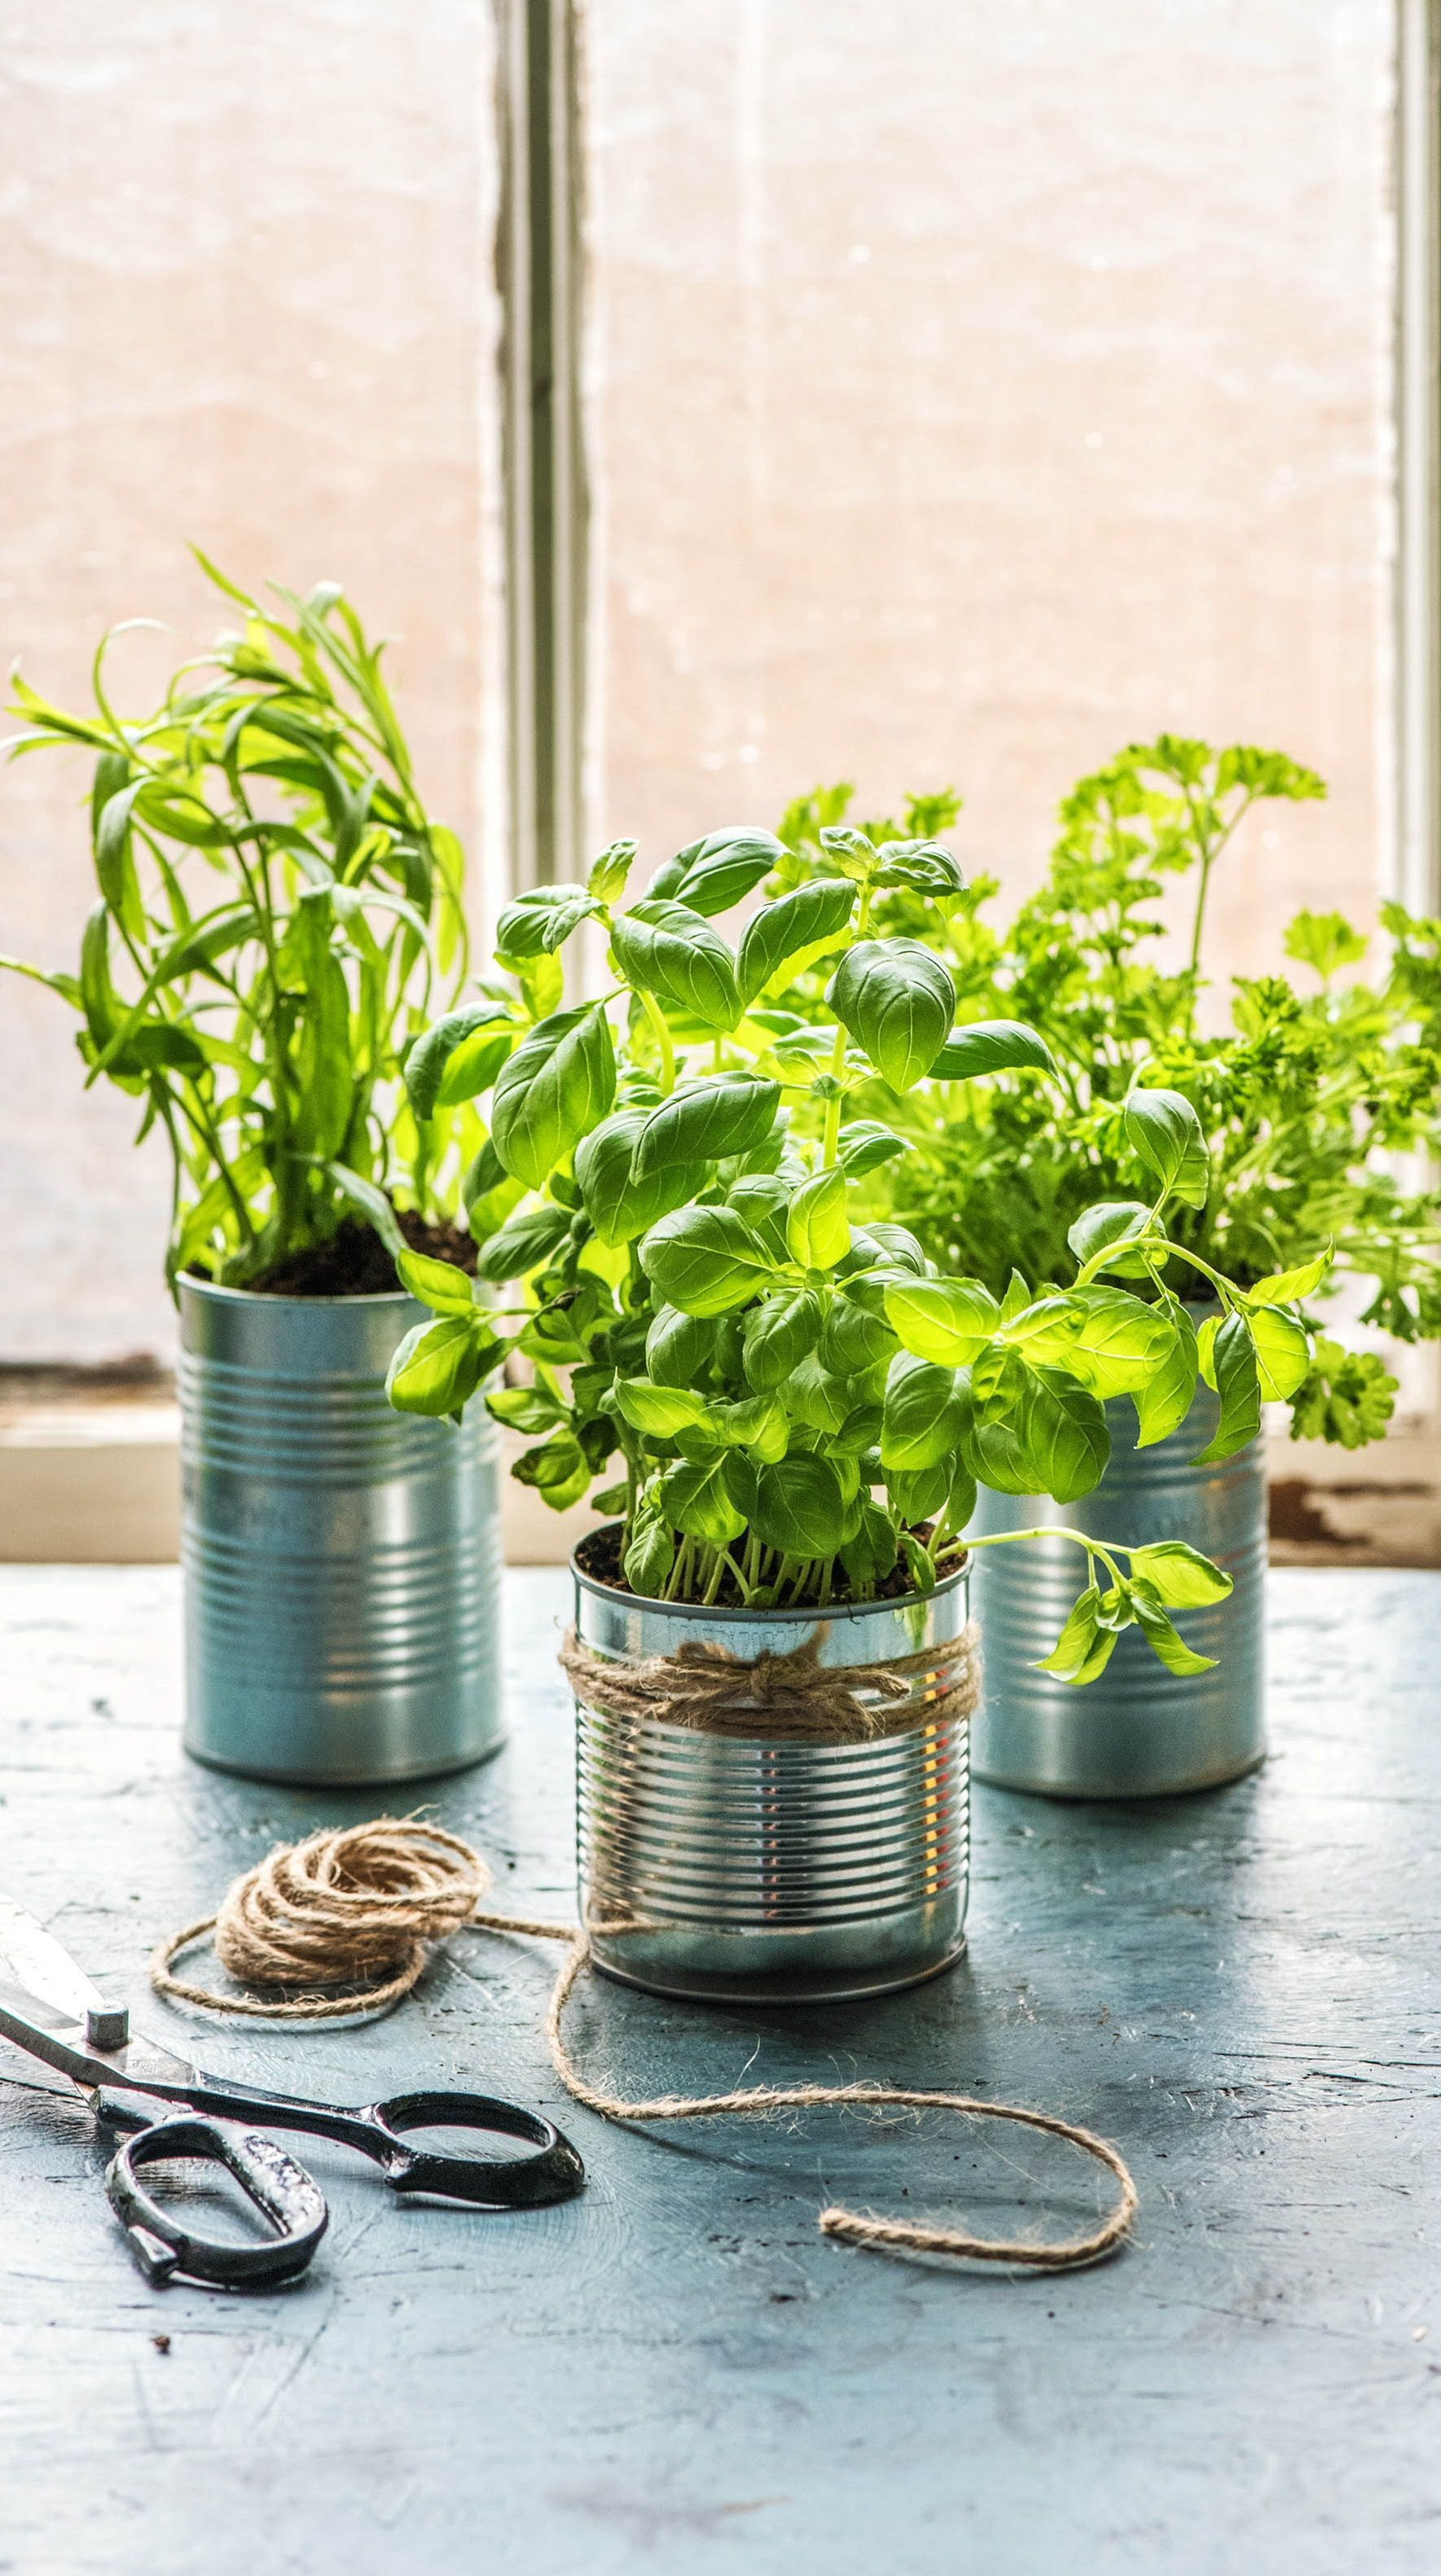 selbstgemachter kr utergarten k che how to tipps tricks zum kochen garden plants diy. Black Bedroom Furniture Sets. Home Design Ideas